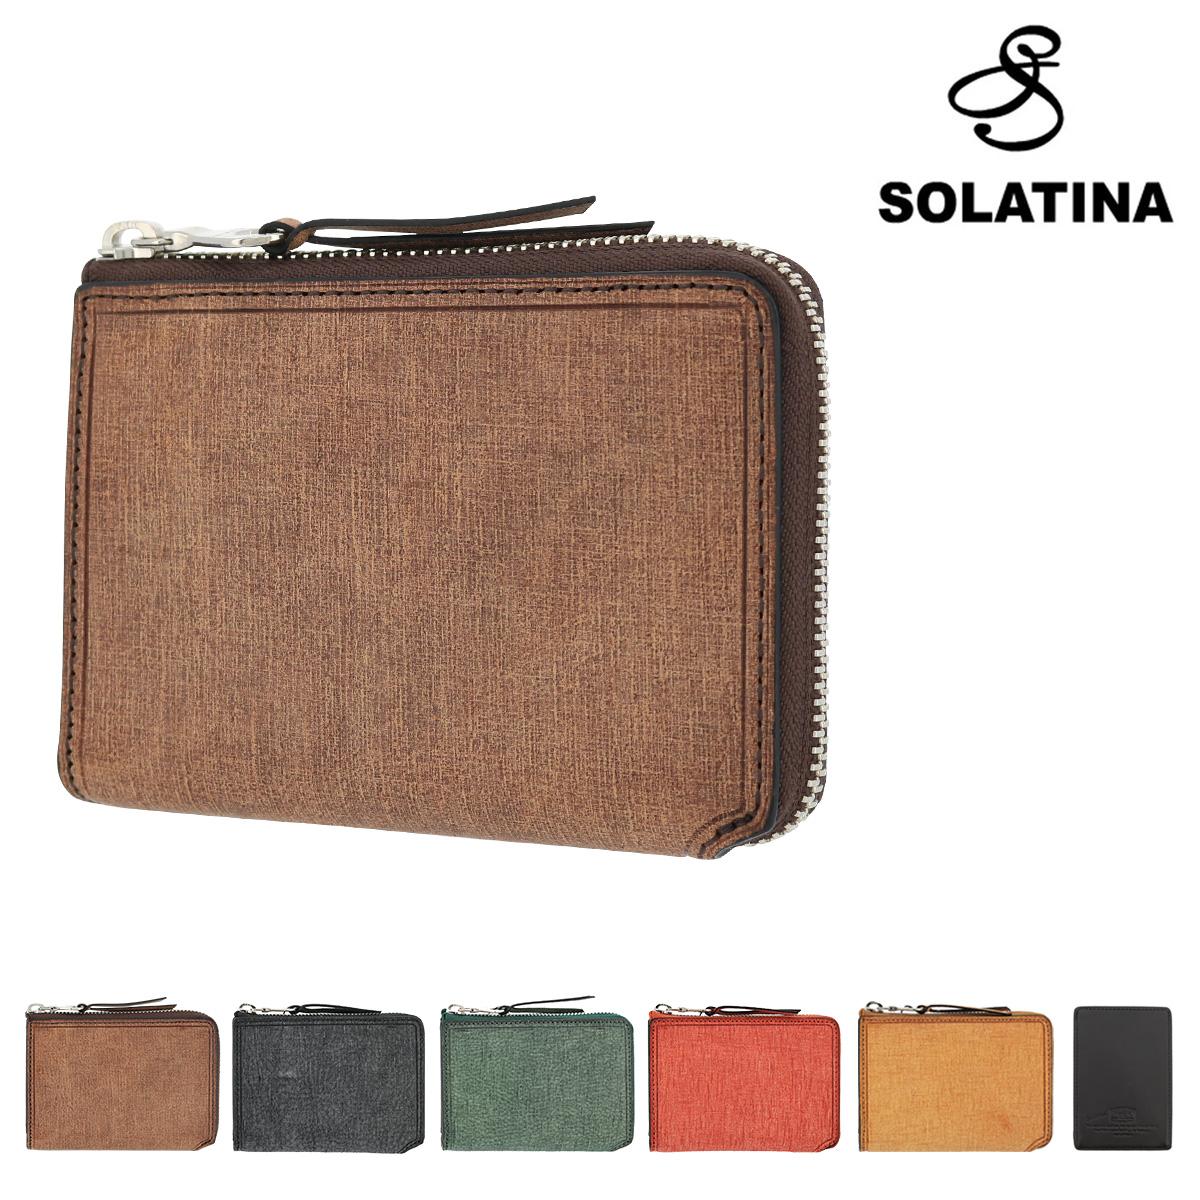 ソラチナ 二つ折り財布 L字ファスナー バベル メンズ SW-70012 SOLATINA | 本革 イタリアンレザー カーフ パスケース付 ブランド専用BOX付き [bef]